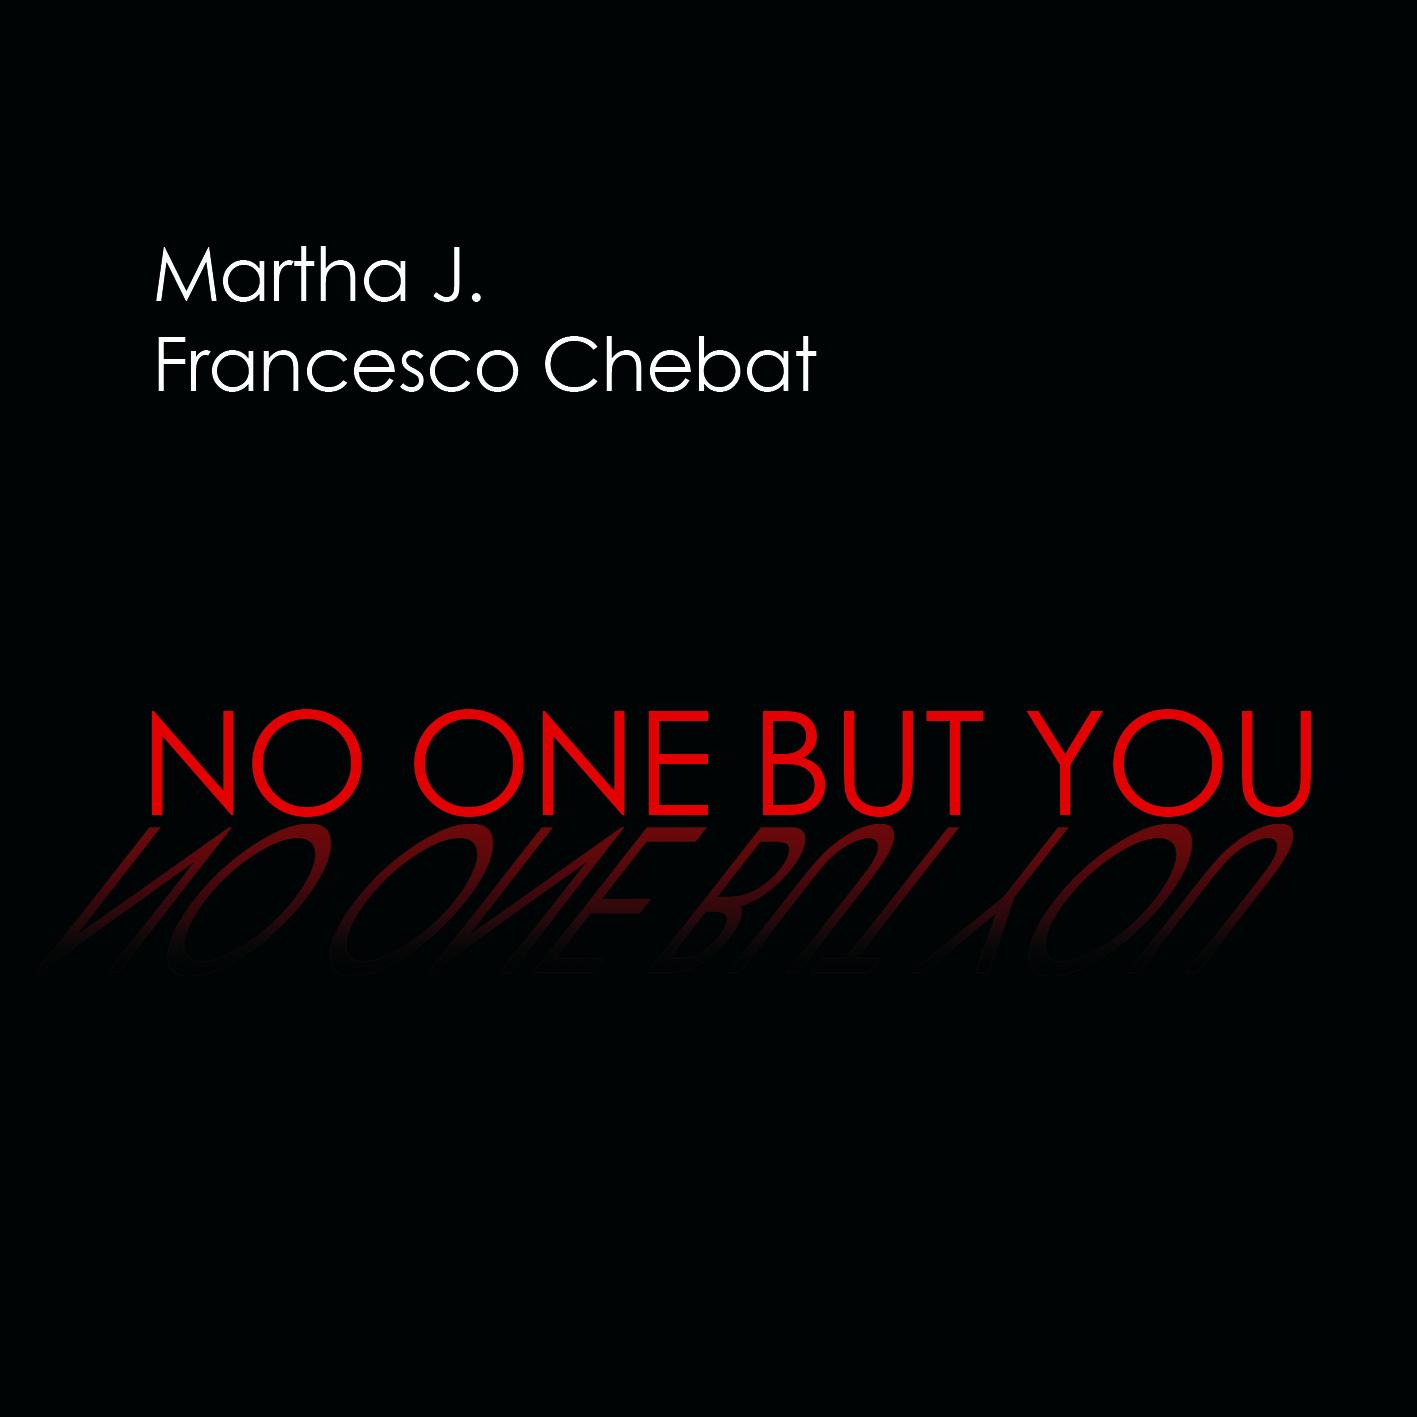 Martha J e Francesco Chebat disco No one but you